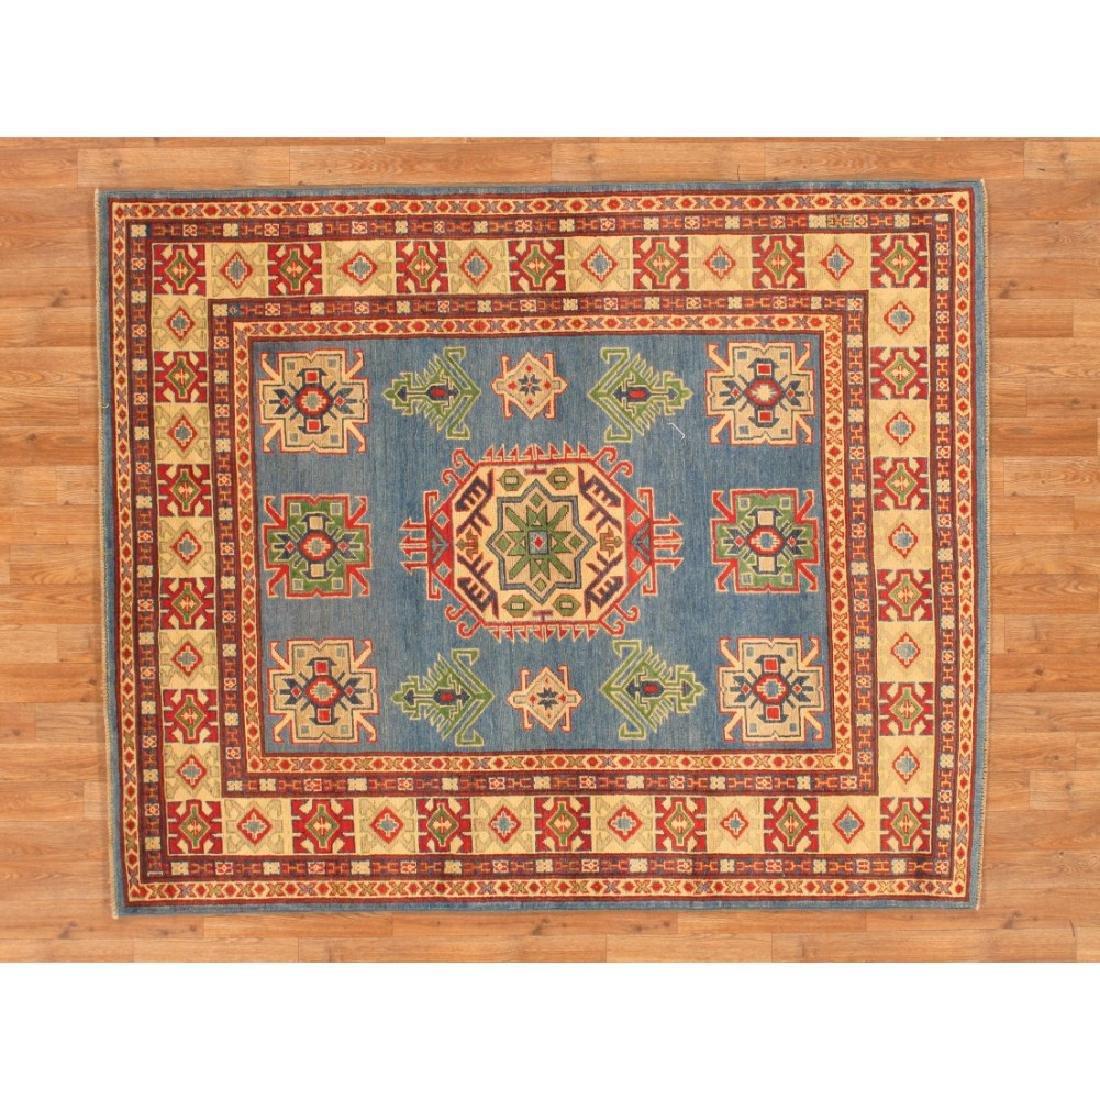 Beautiful Kazak Design Area Rug 5x6.2